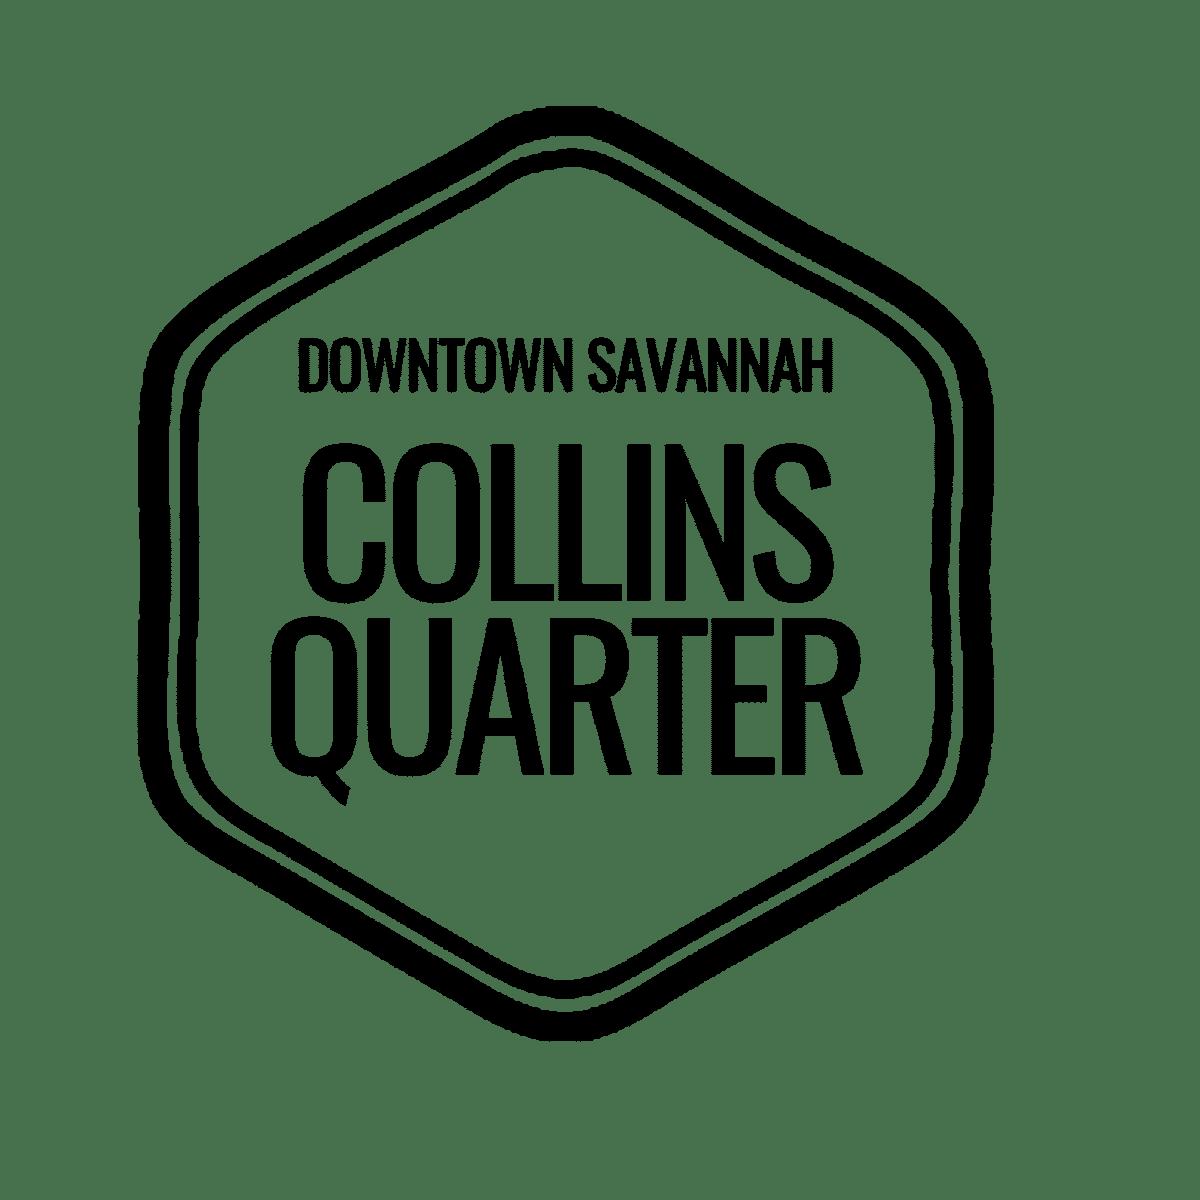 Collins Quarter Cafe & Bar